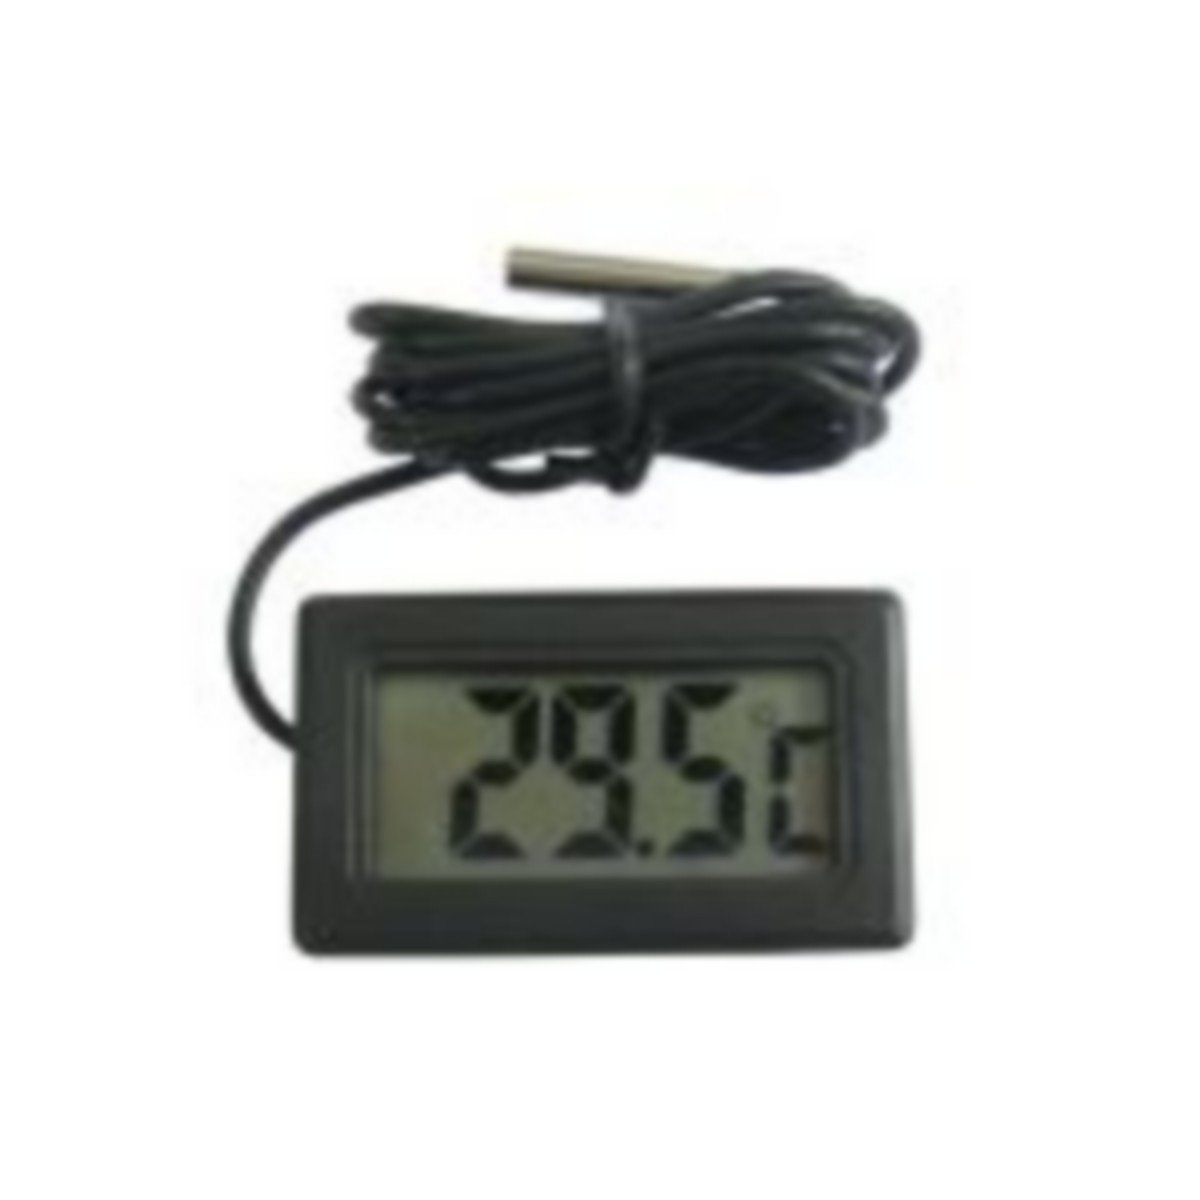 Homeking Thermomètre numérique à affichage LCD pour réfrigérateur, aquarium